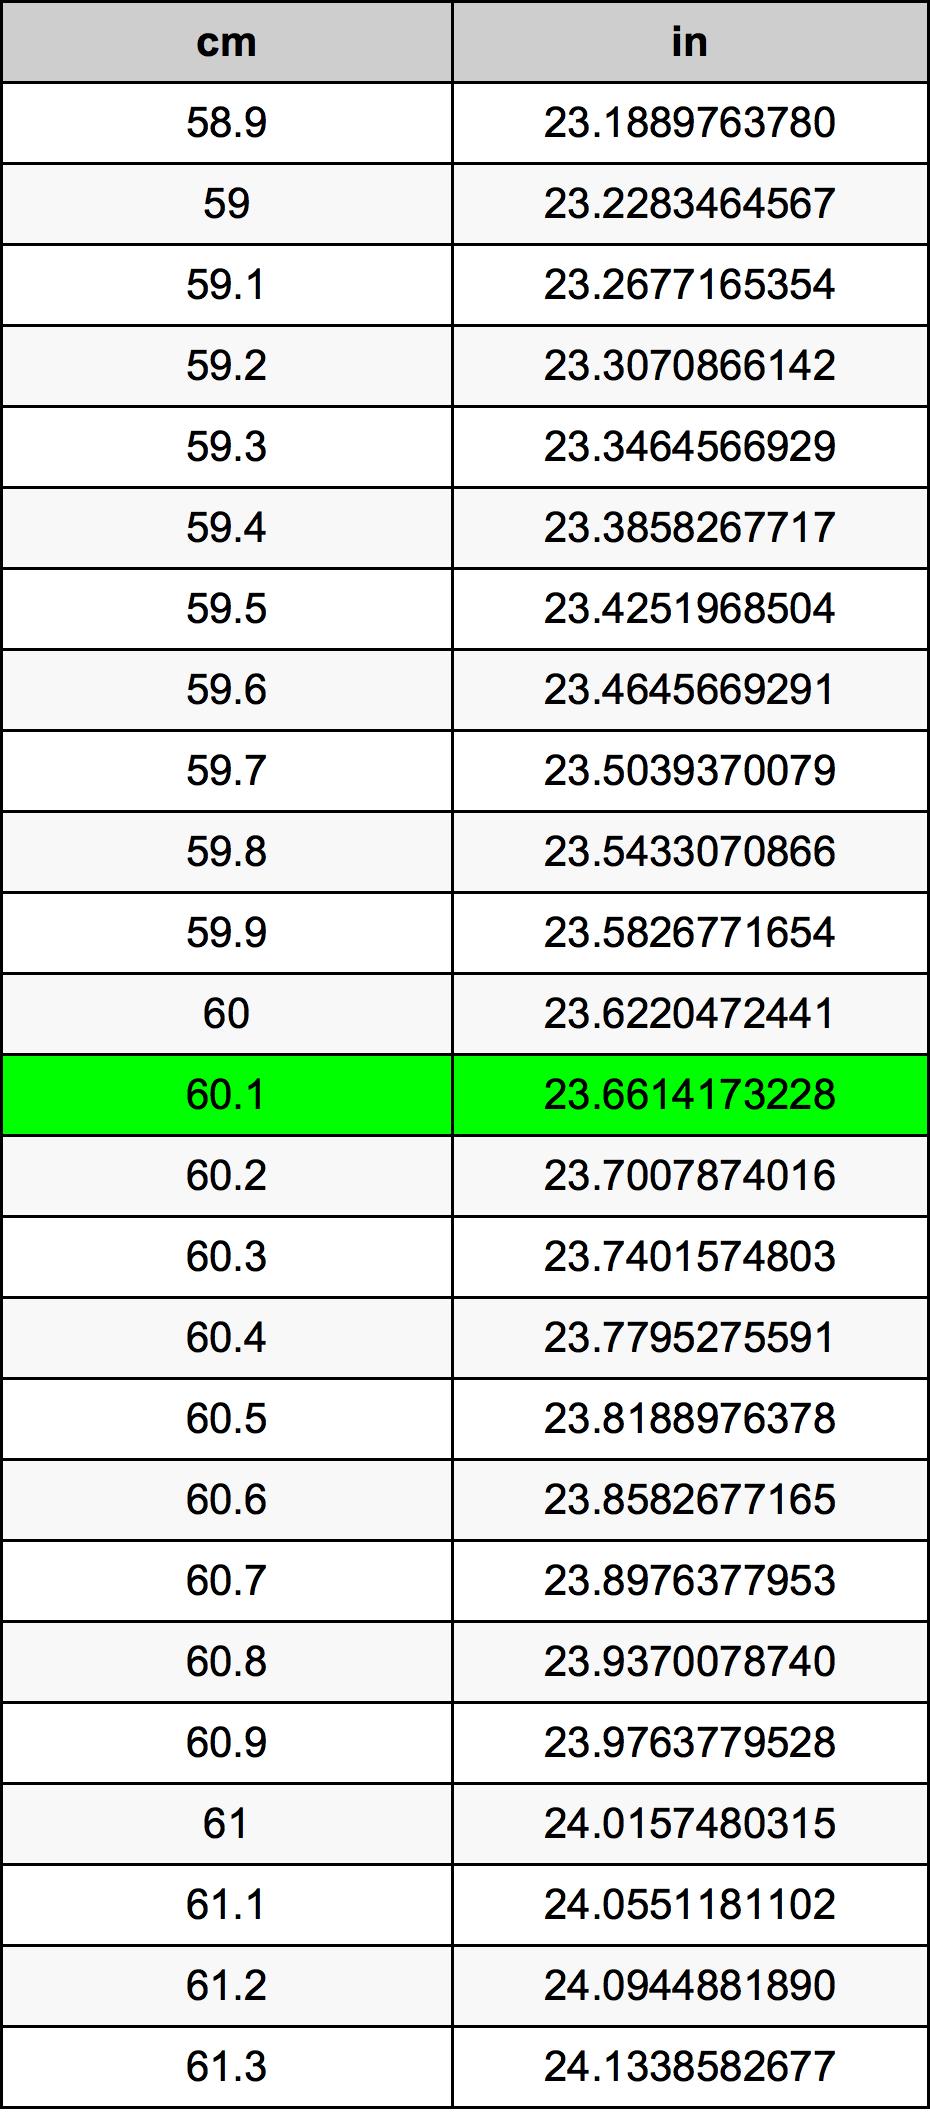 60.1 厘米换算表